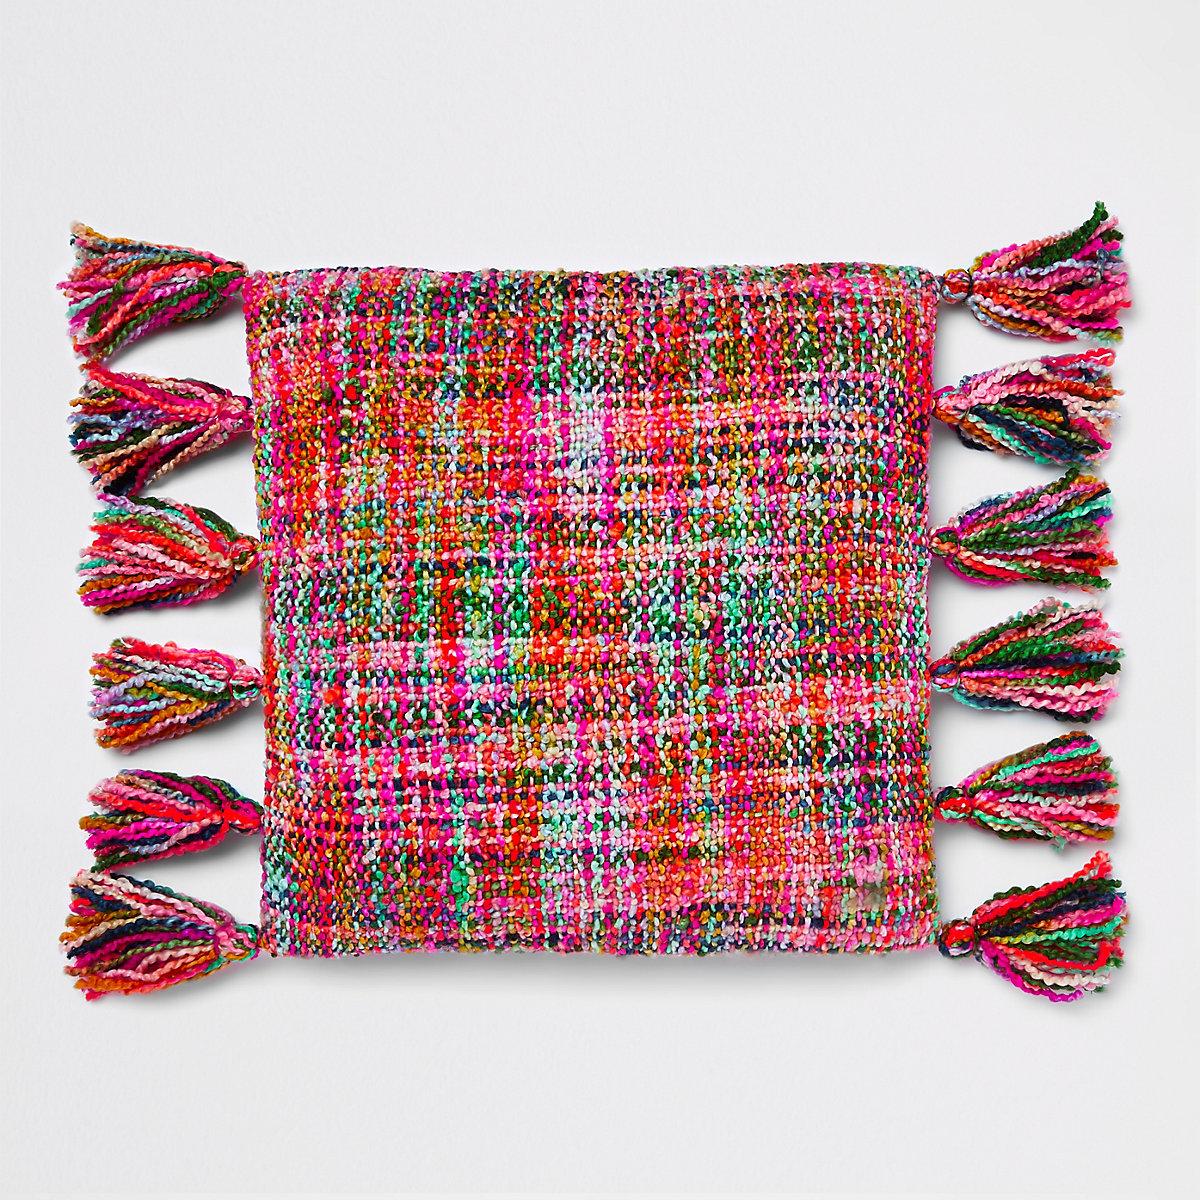 Coussin en maille multicolore à pampilles